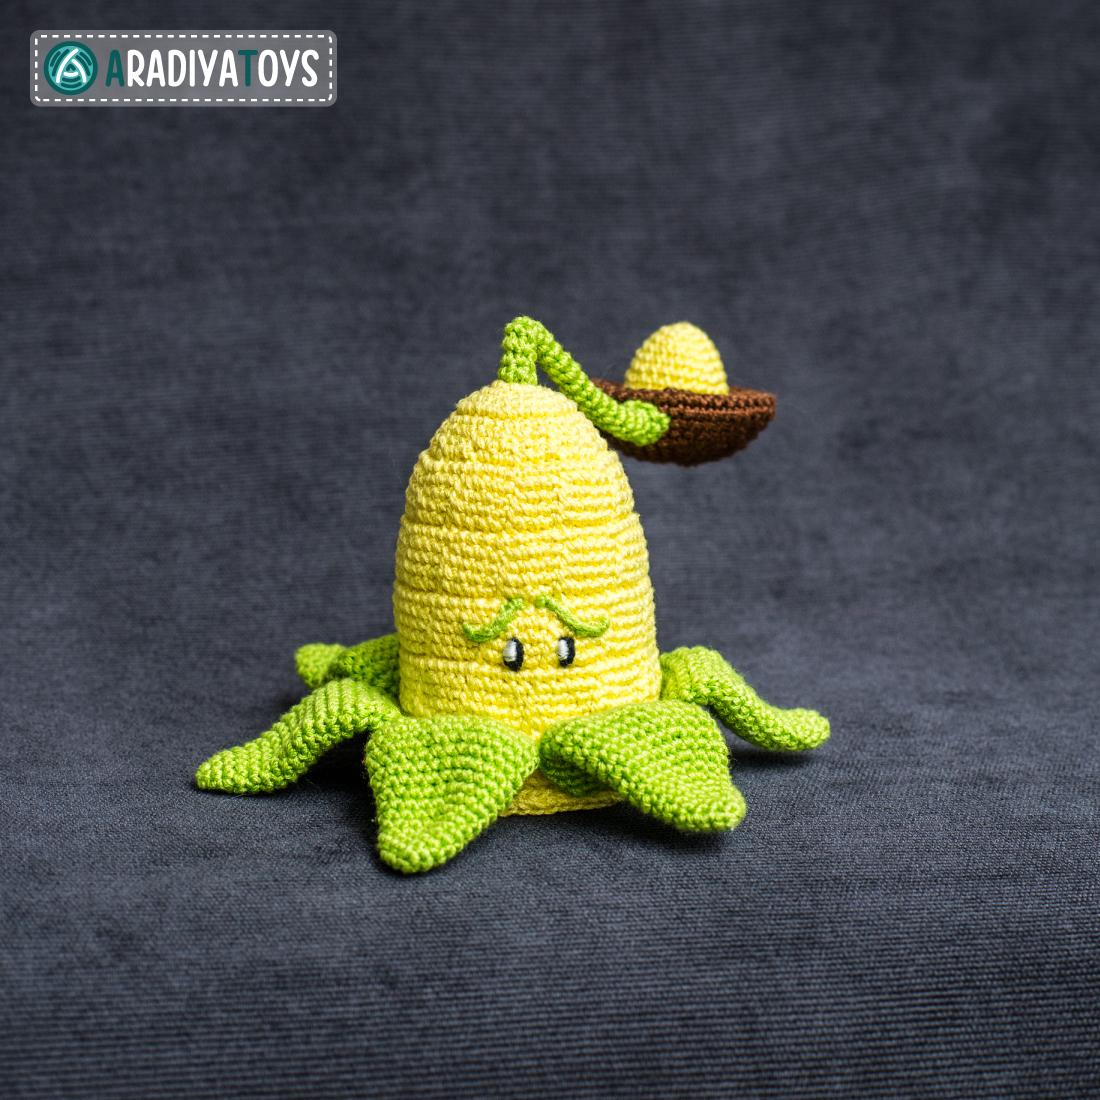 Crochet Pattern of Kernel-pult by AradiyaToys